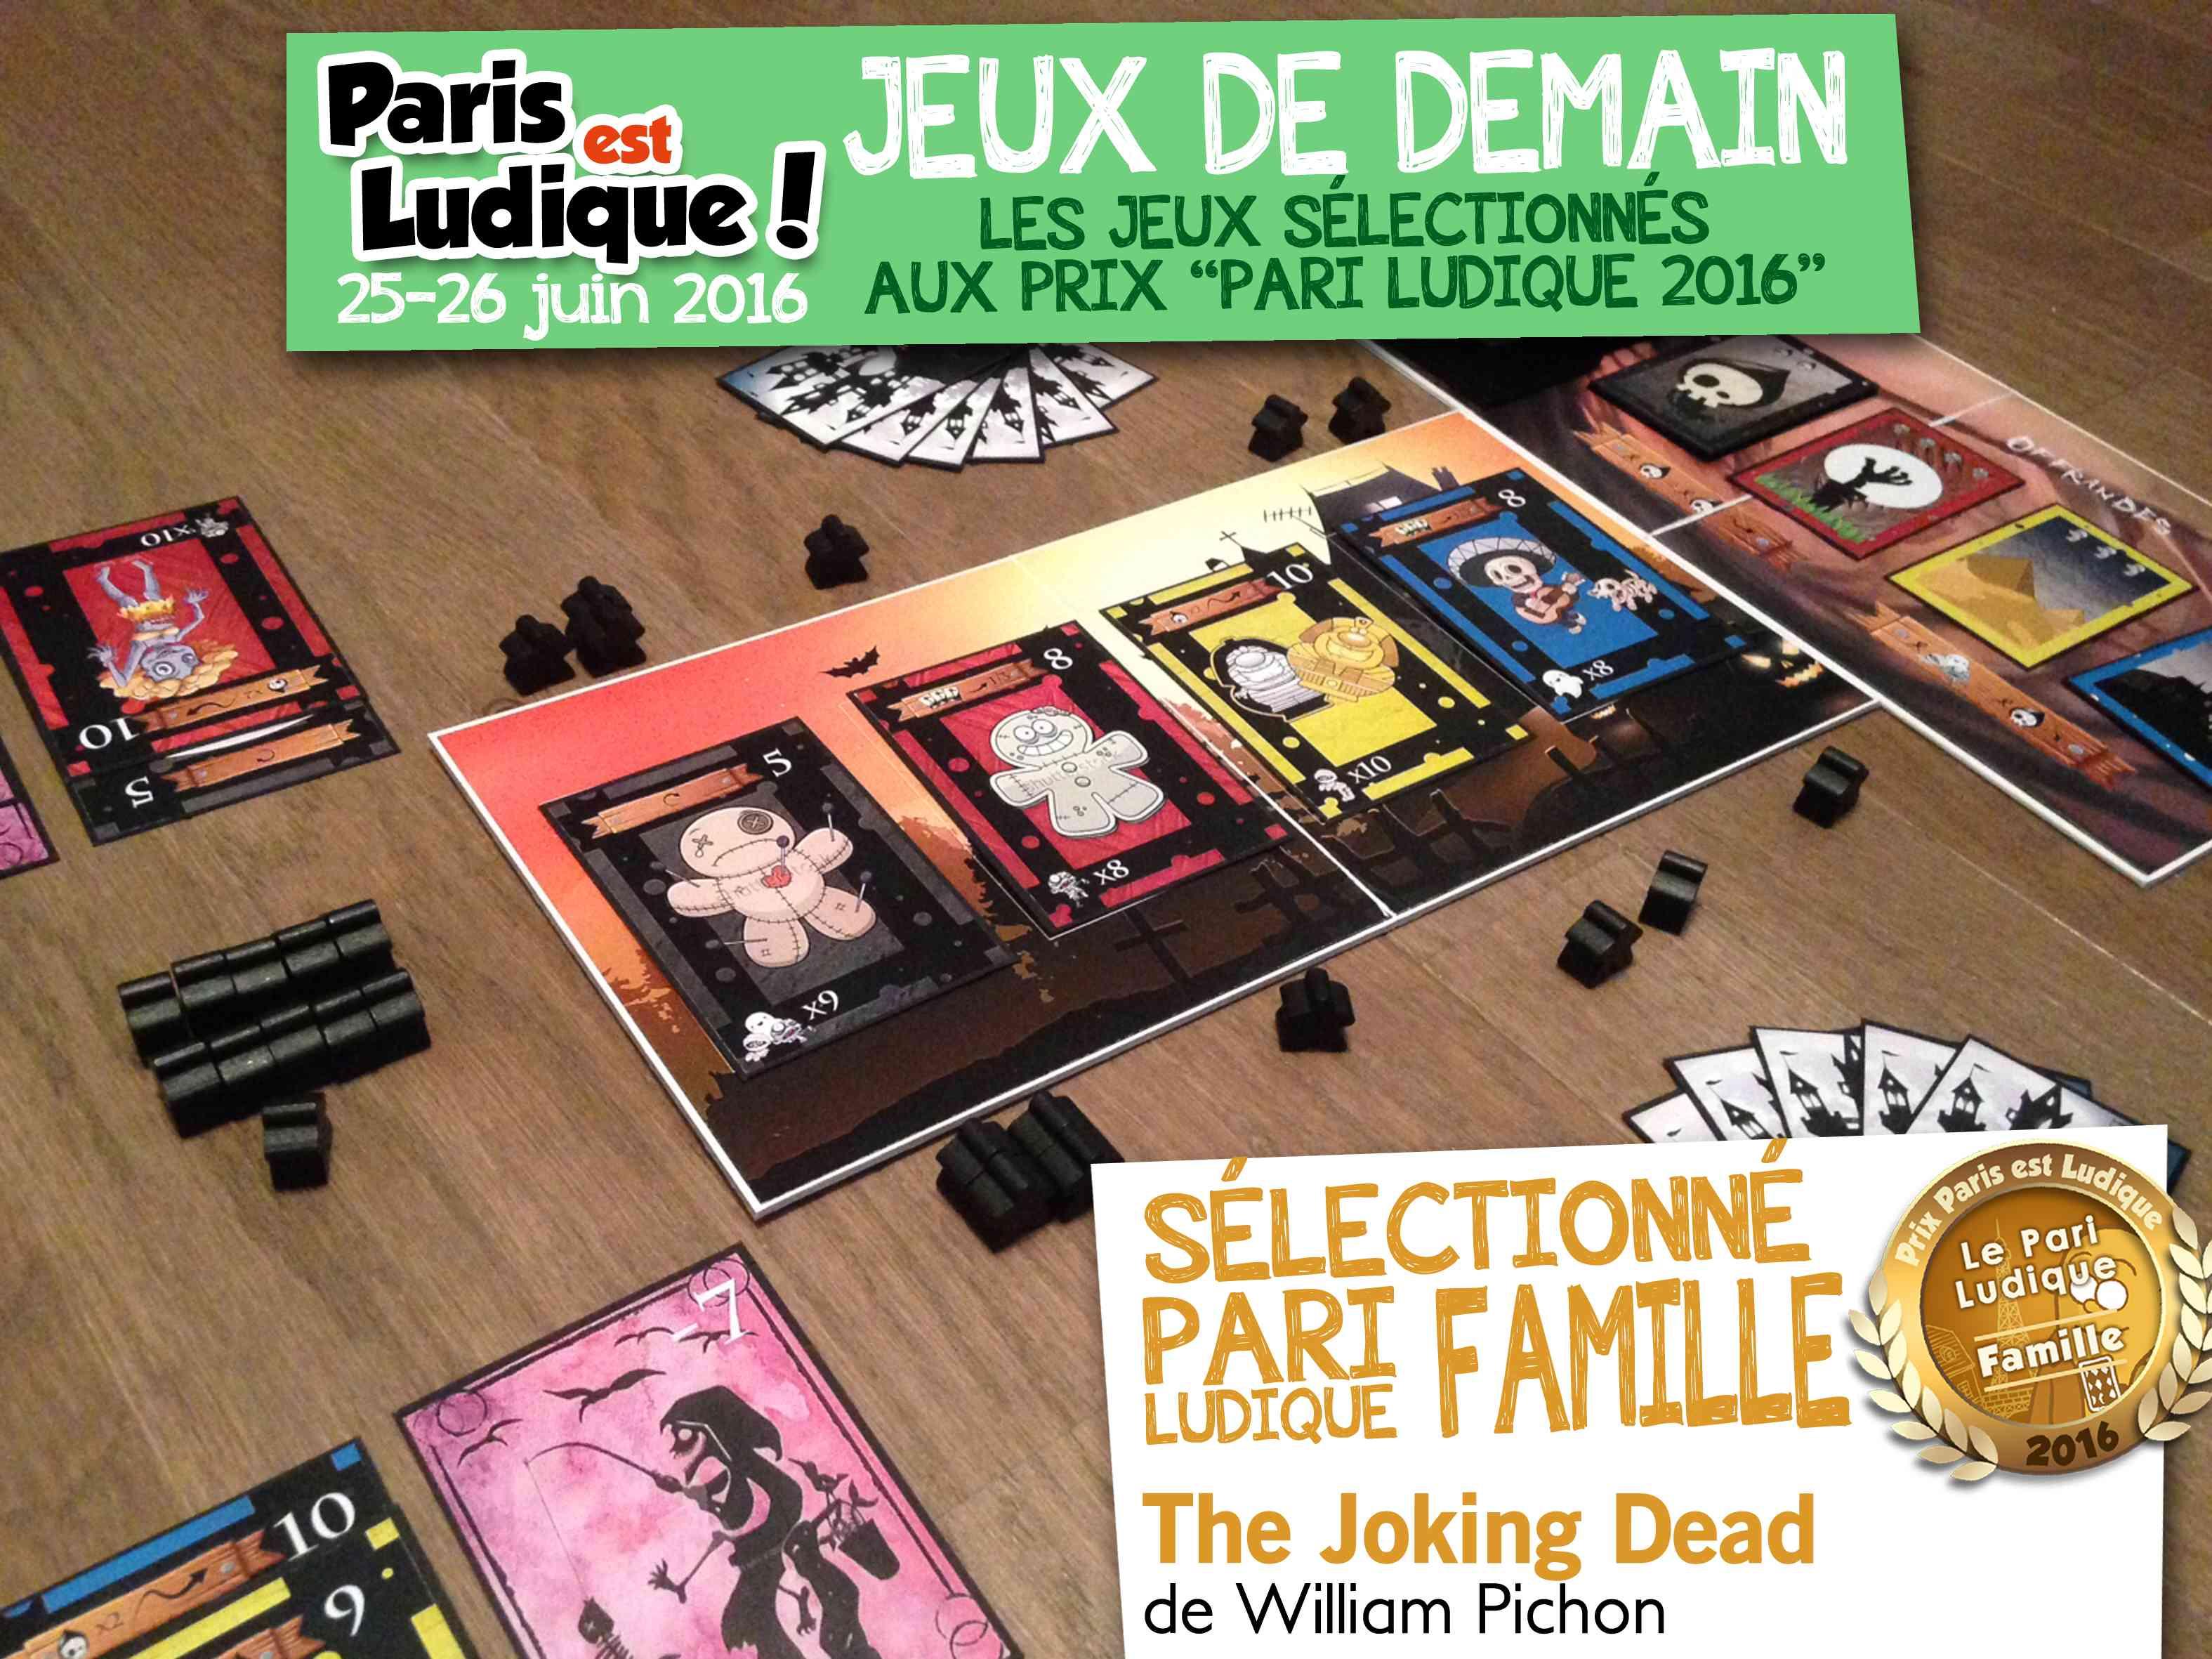 24 - The Joking Dead